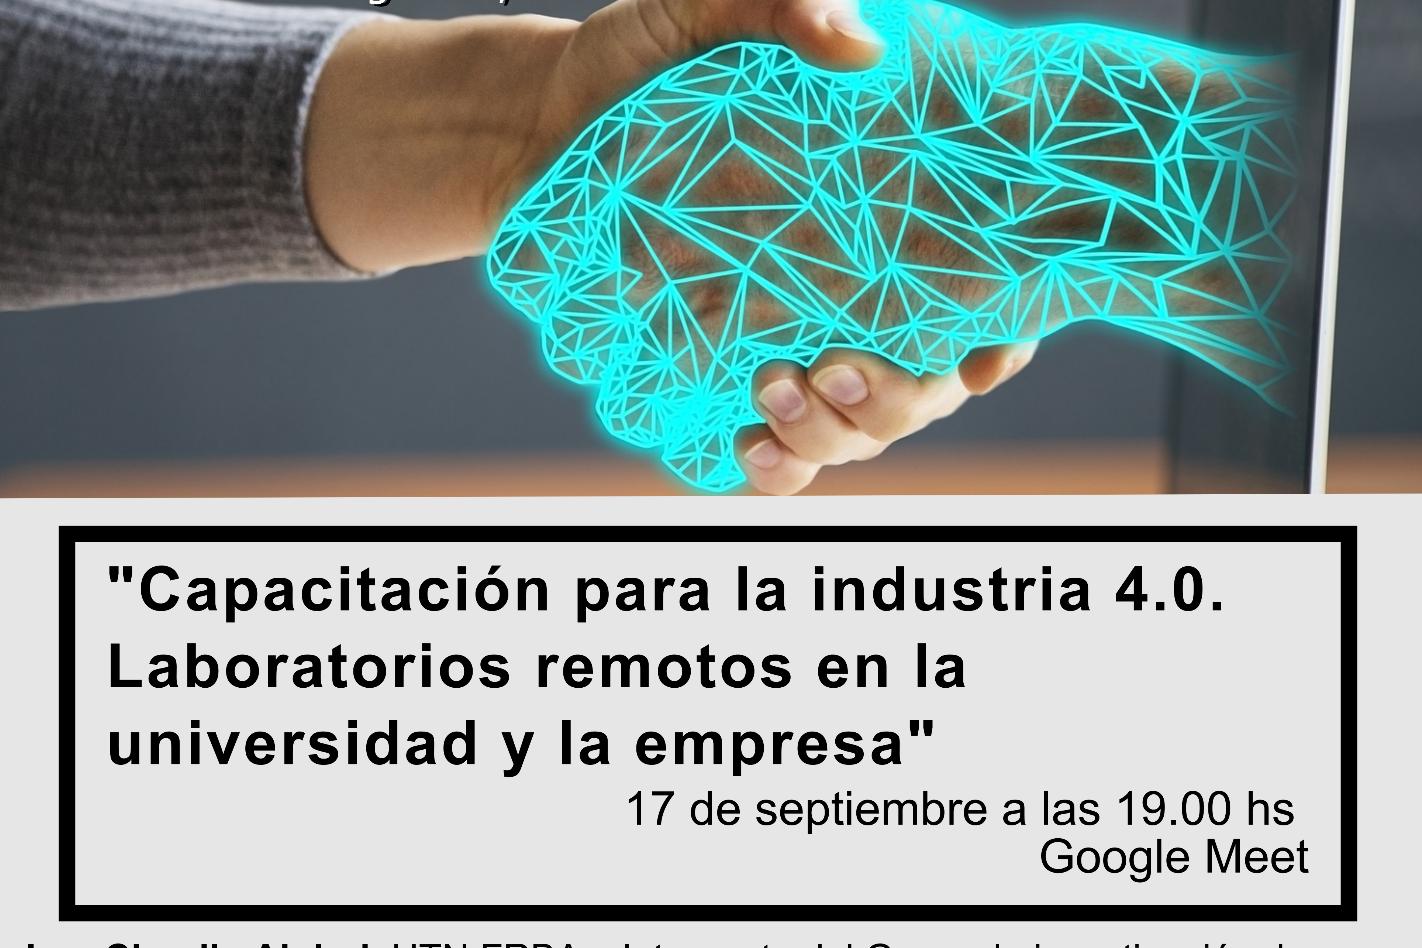 Charla Capacitación para la industria 4.0. Laboratorios remotos en la universidad y la empresa